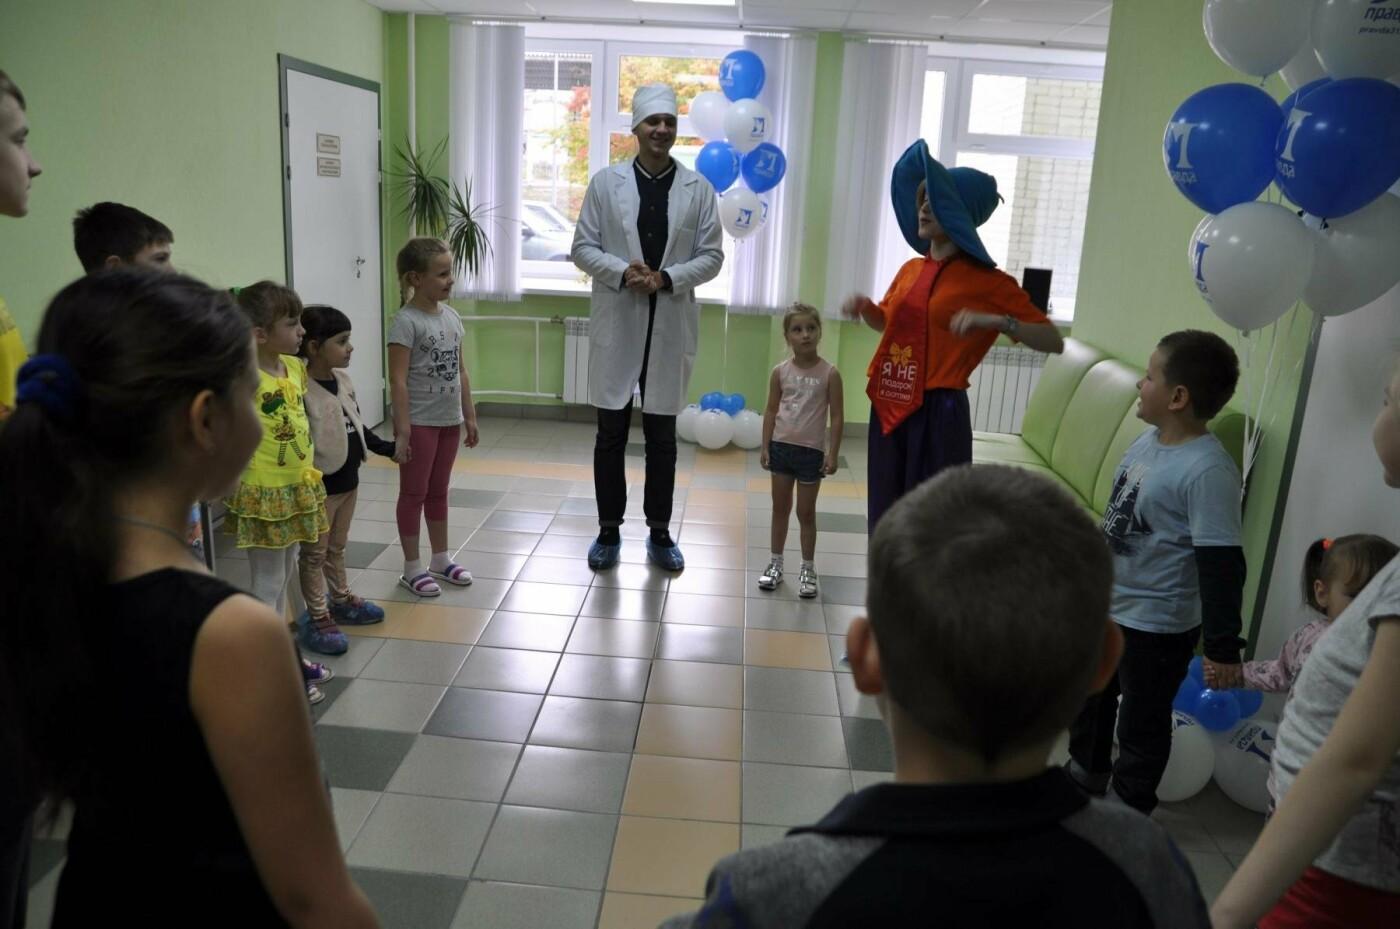 Профсоюз «Правда» подарил новый зал лечебной физкультуры пациентам детской областной клинической больницы, фото-6